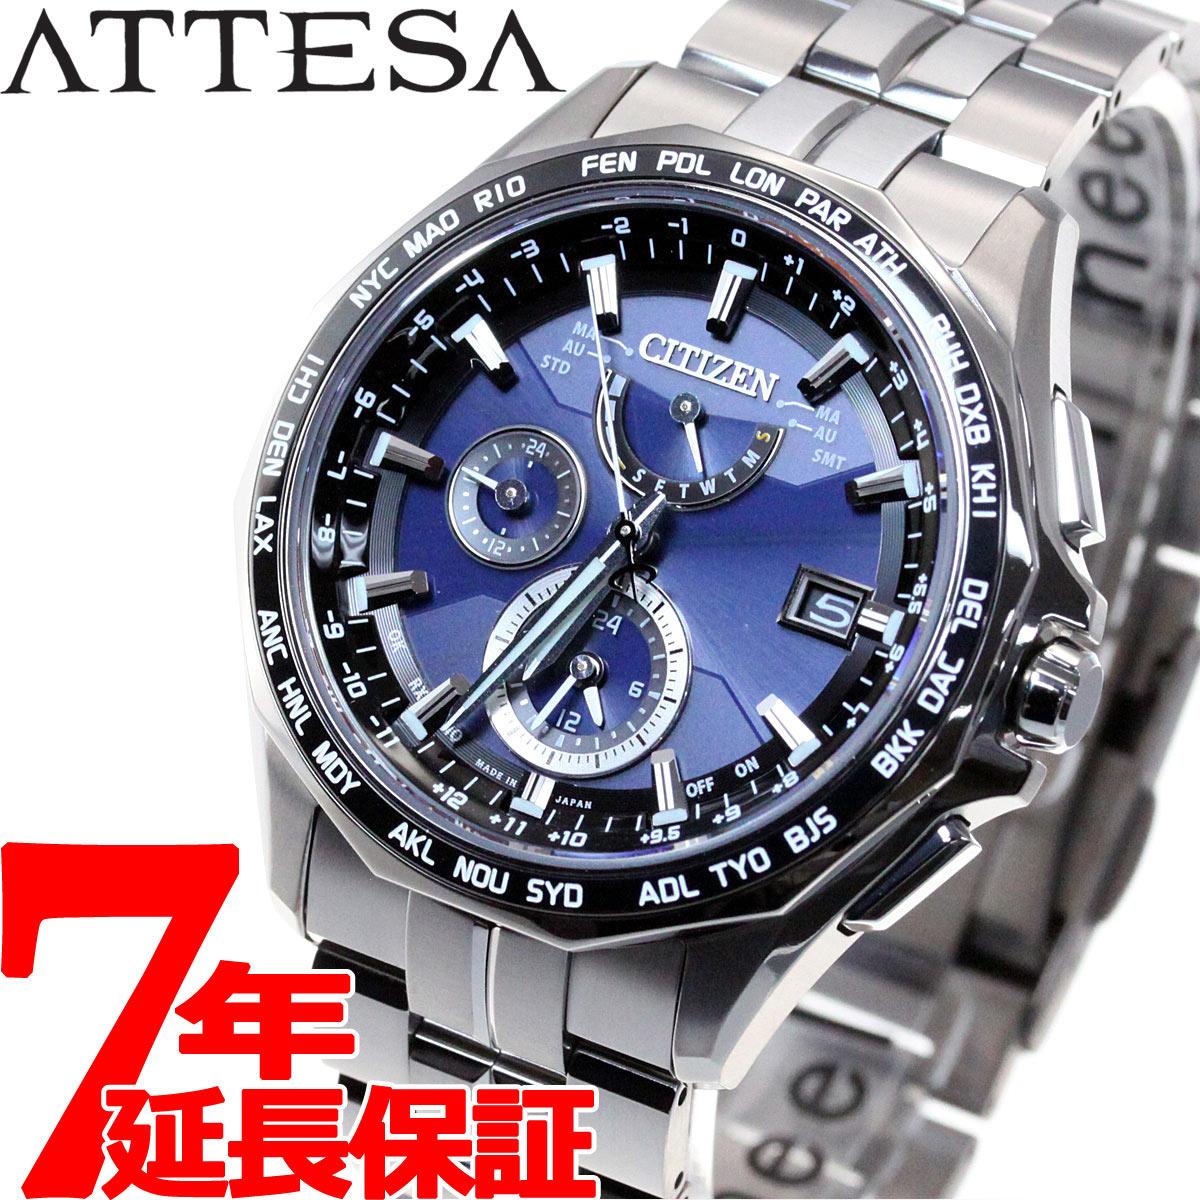 シチズン アテッサ CITIZEN ATTESA エコドライブ ソーラー 電波時計 腕時計 メンズ ダブルダイレクトフライト AT9090-53L